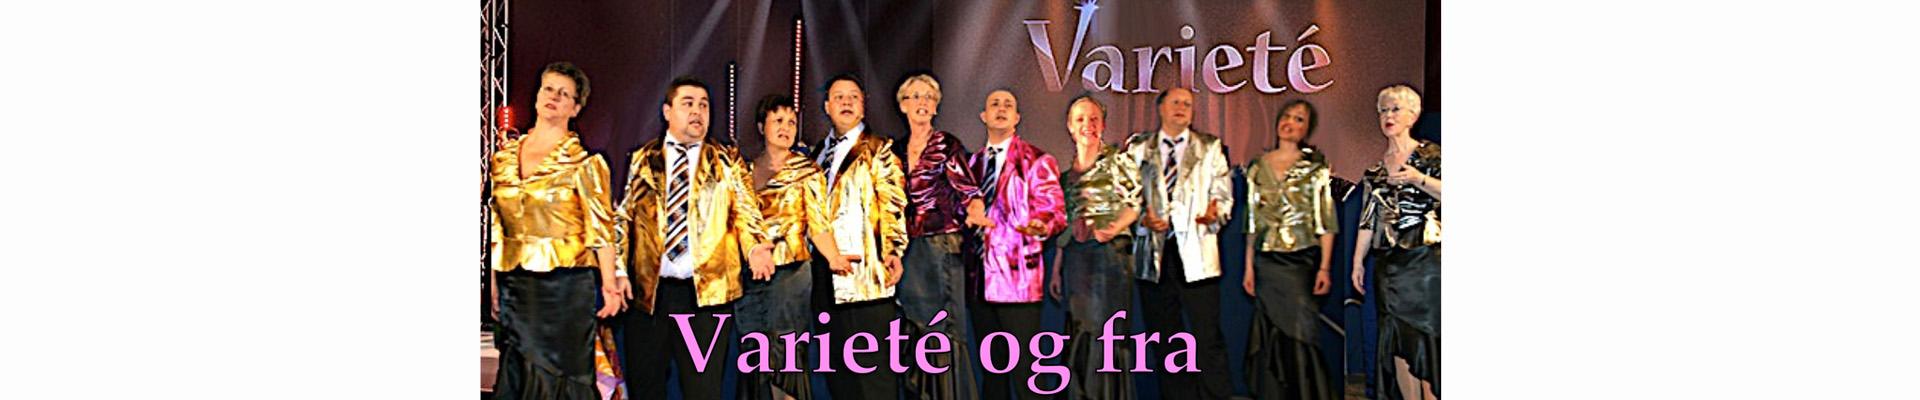 http://www.skibet-if.dk/uploads/images/slider/varieterevy.jpg